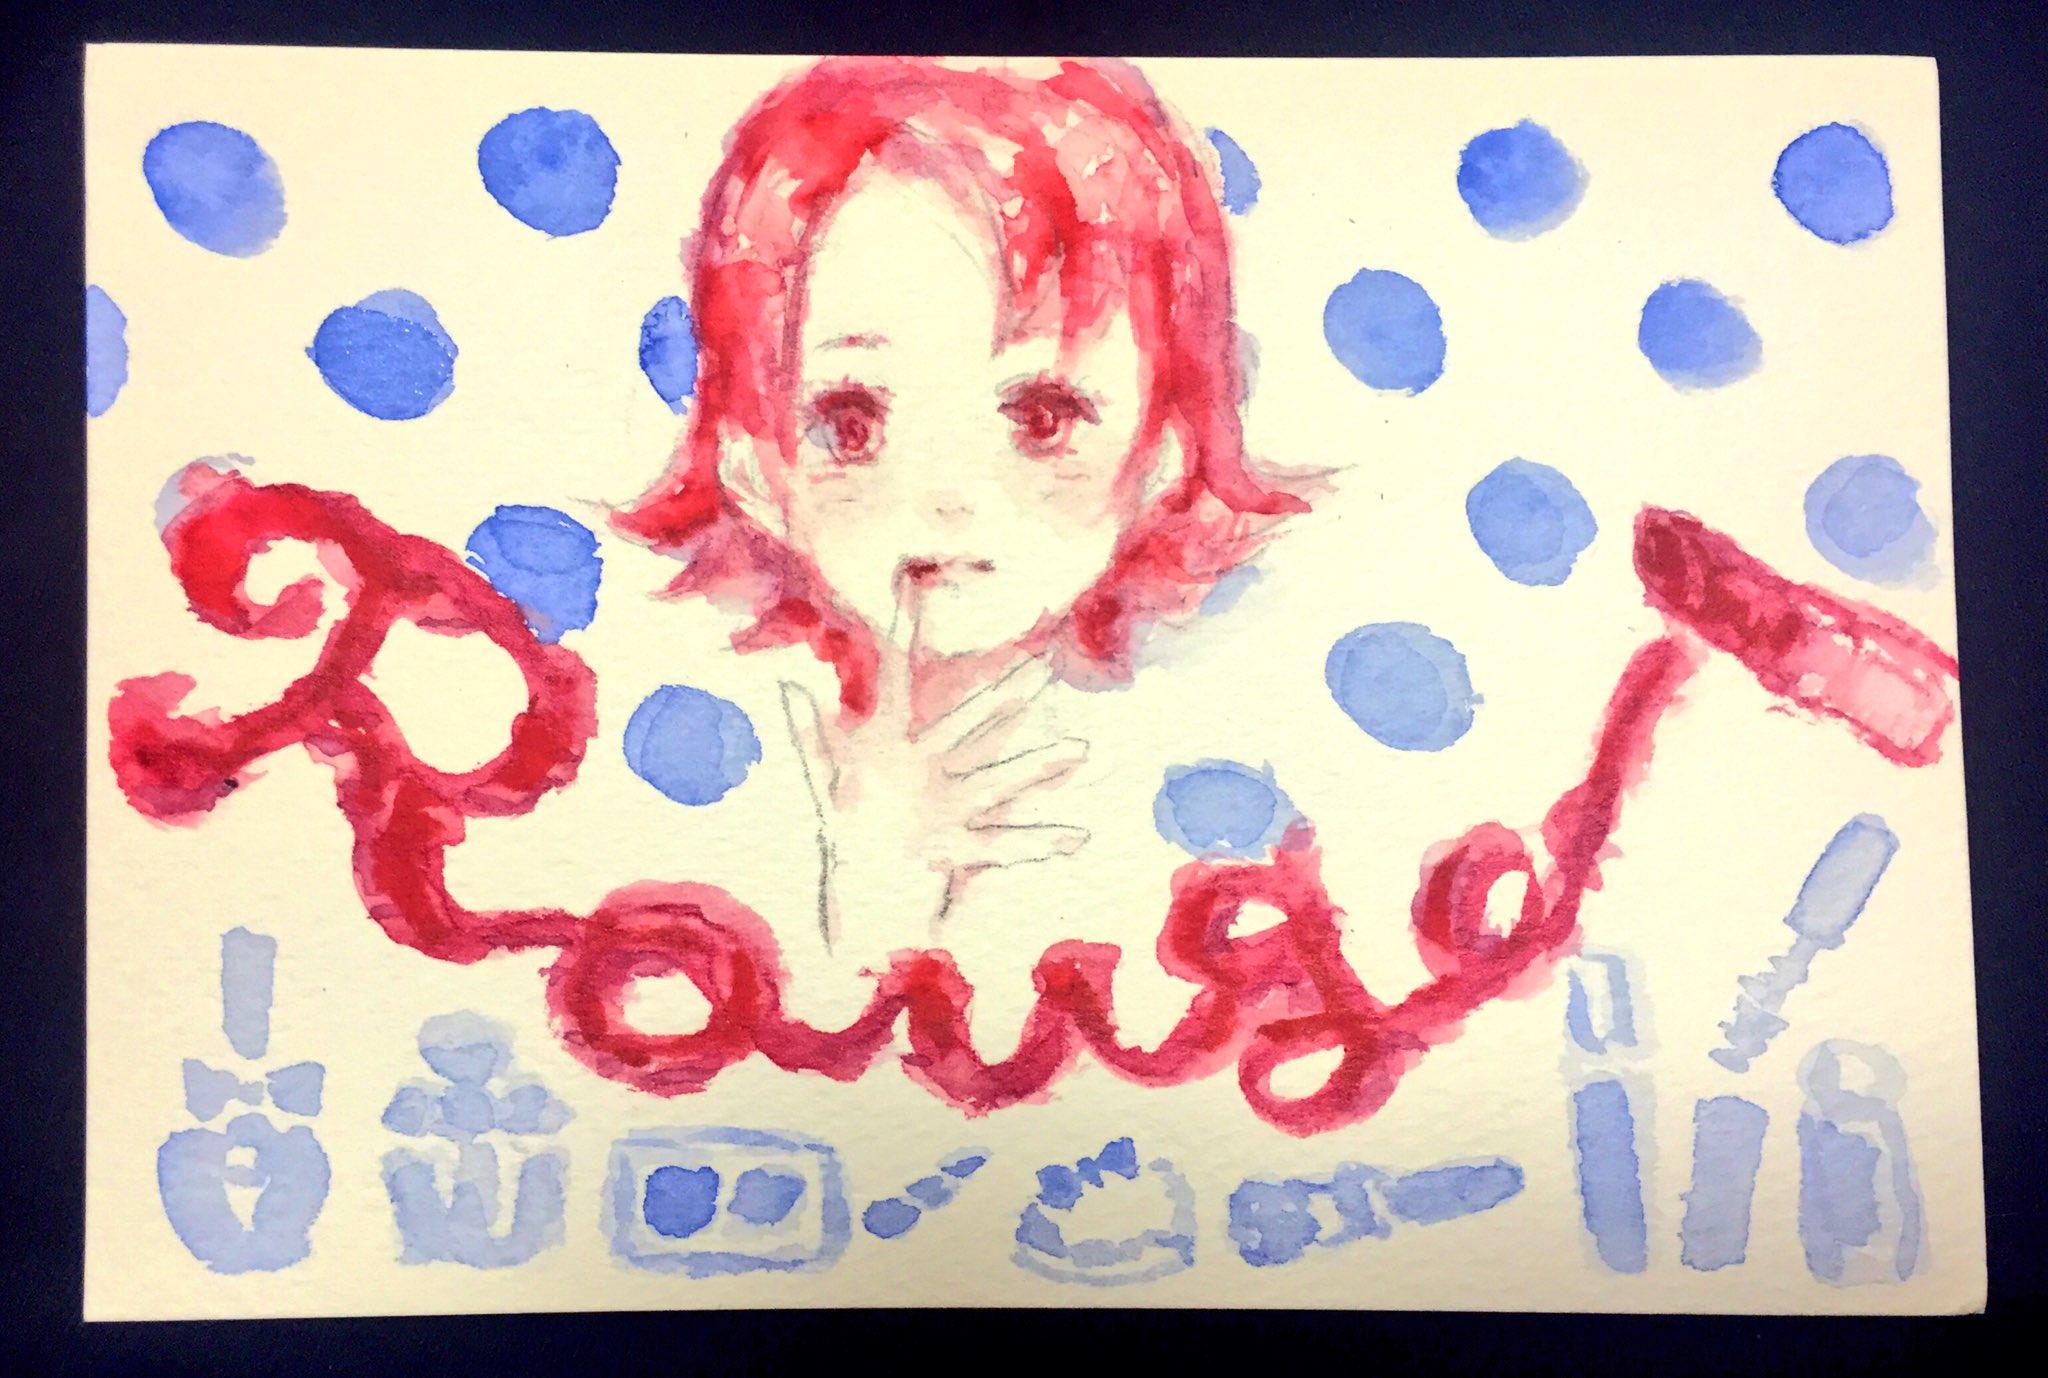 佐野りお1/30誕生日🎂 (@cmw_rrk)さんのイラスト